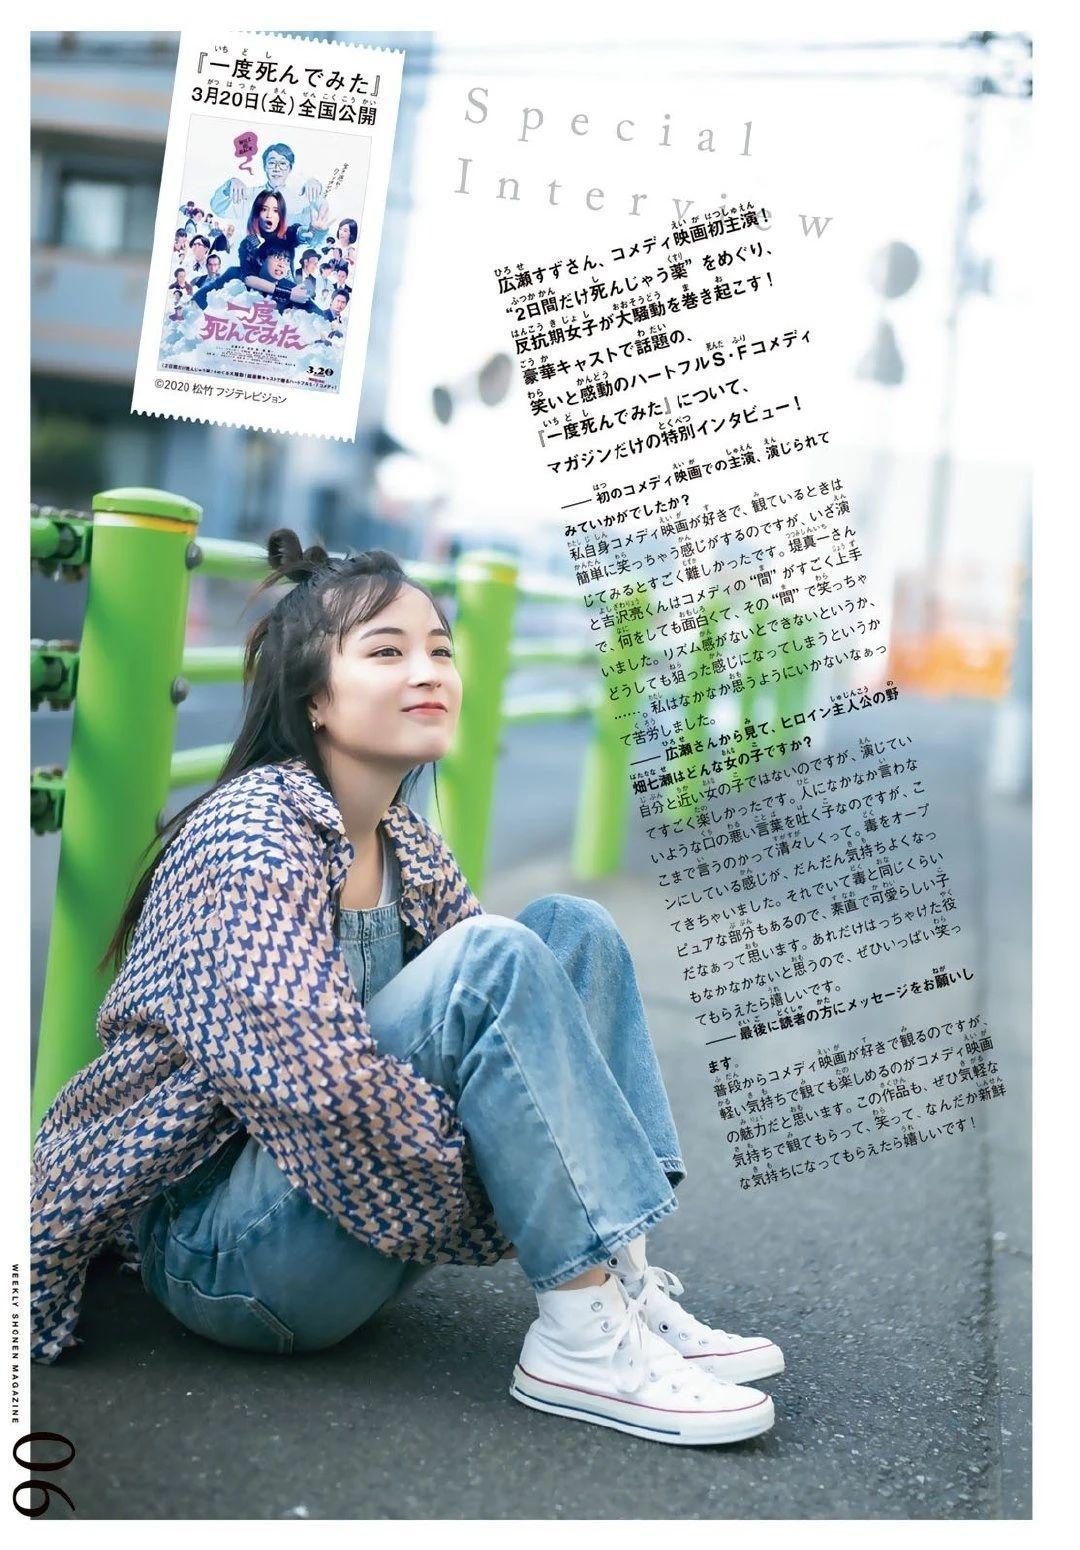 20神颜美少女却黑历史比较多的广濑丝丝写真作品 (40)